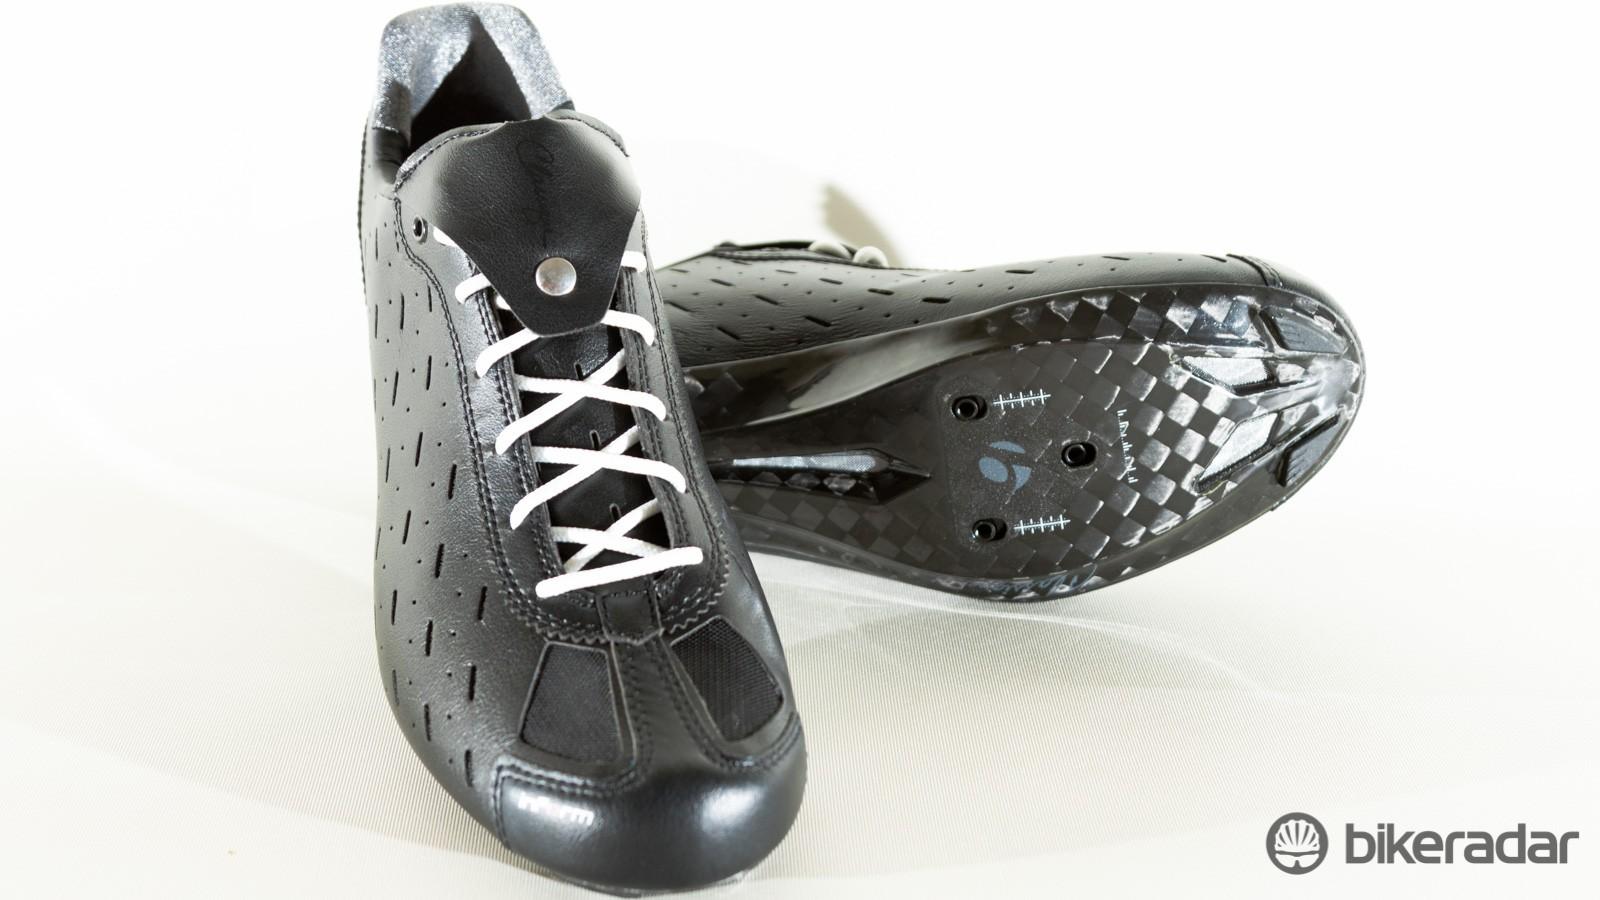 Bontrager's Classique shoes sure are beauties